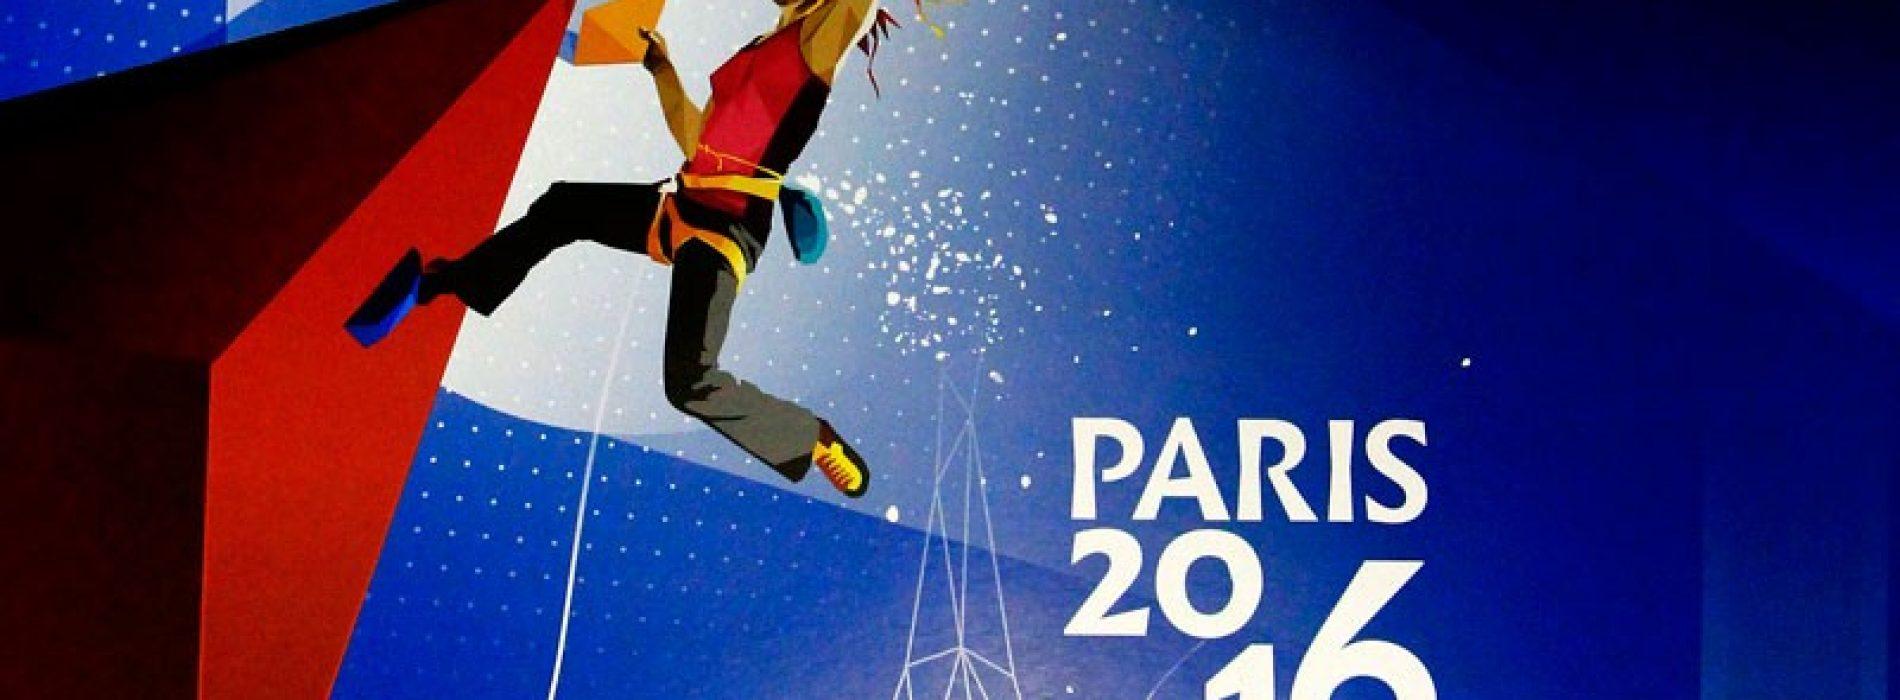 شمارش معکوس برای آغاز بزرگترین رویداد بین المللی صعودهای ورزشی